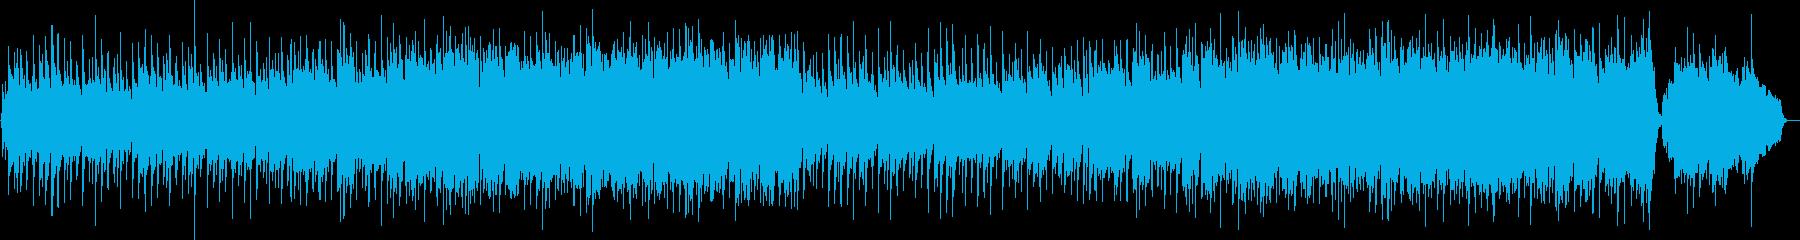 琴と尺八と鼓による和風ポップバラードの再生済みの波形